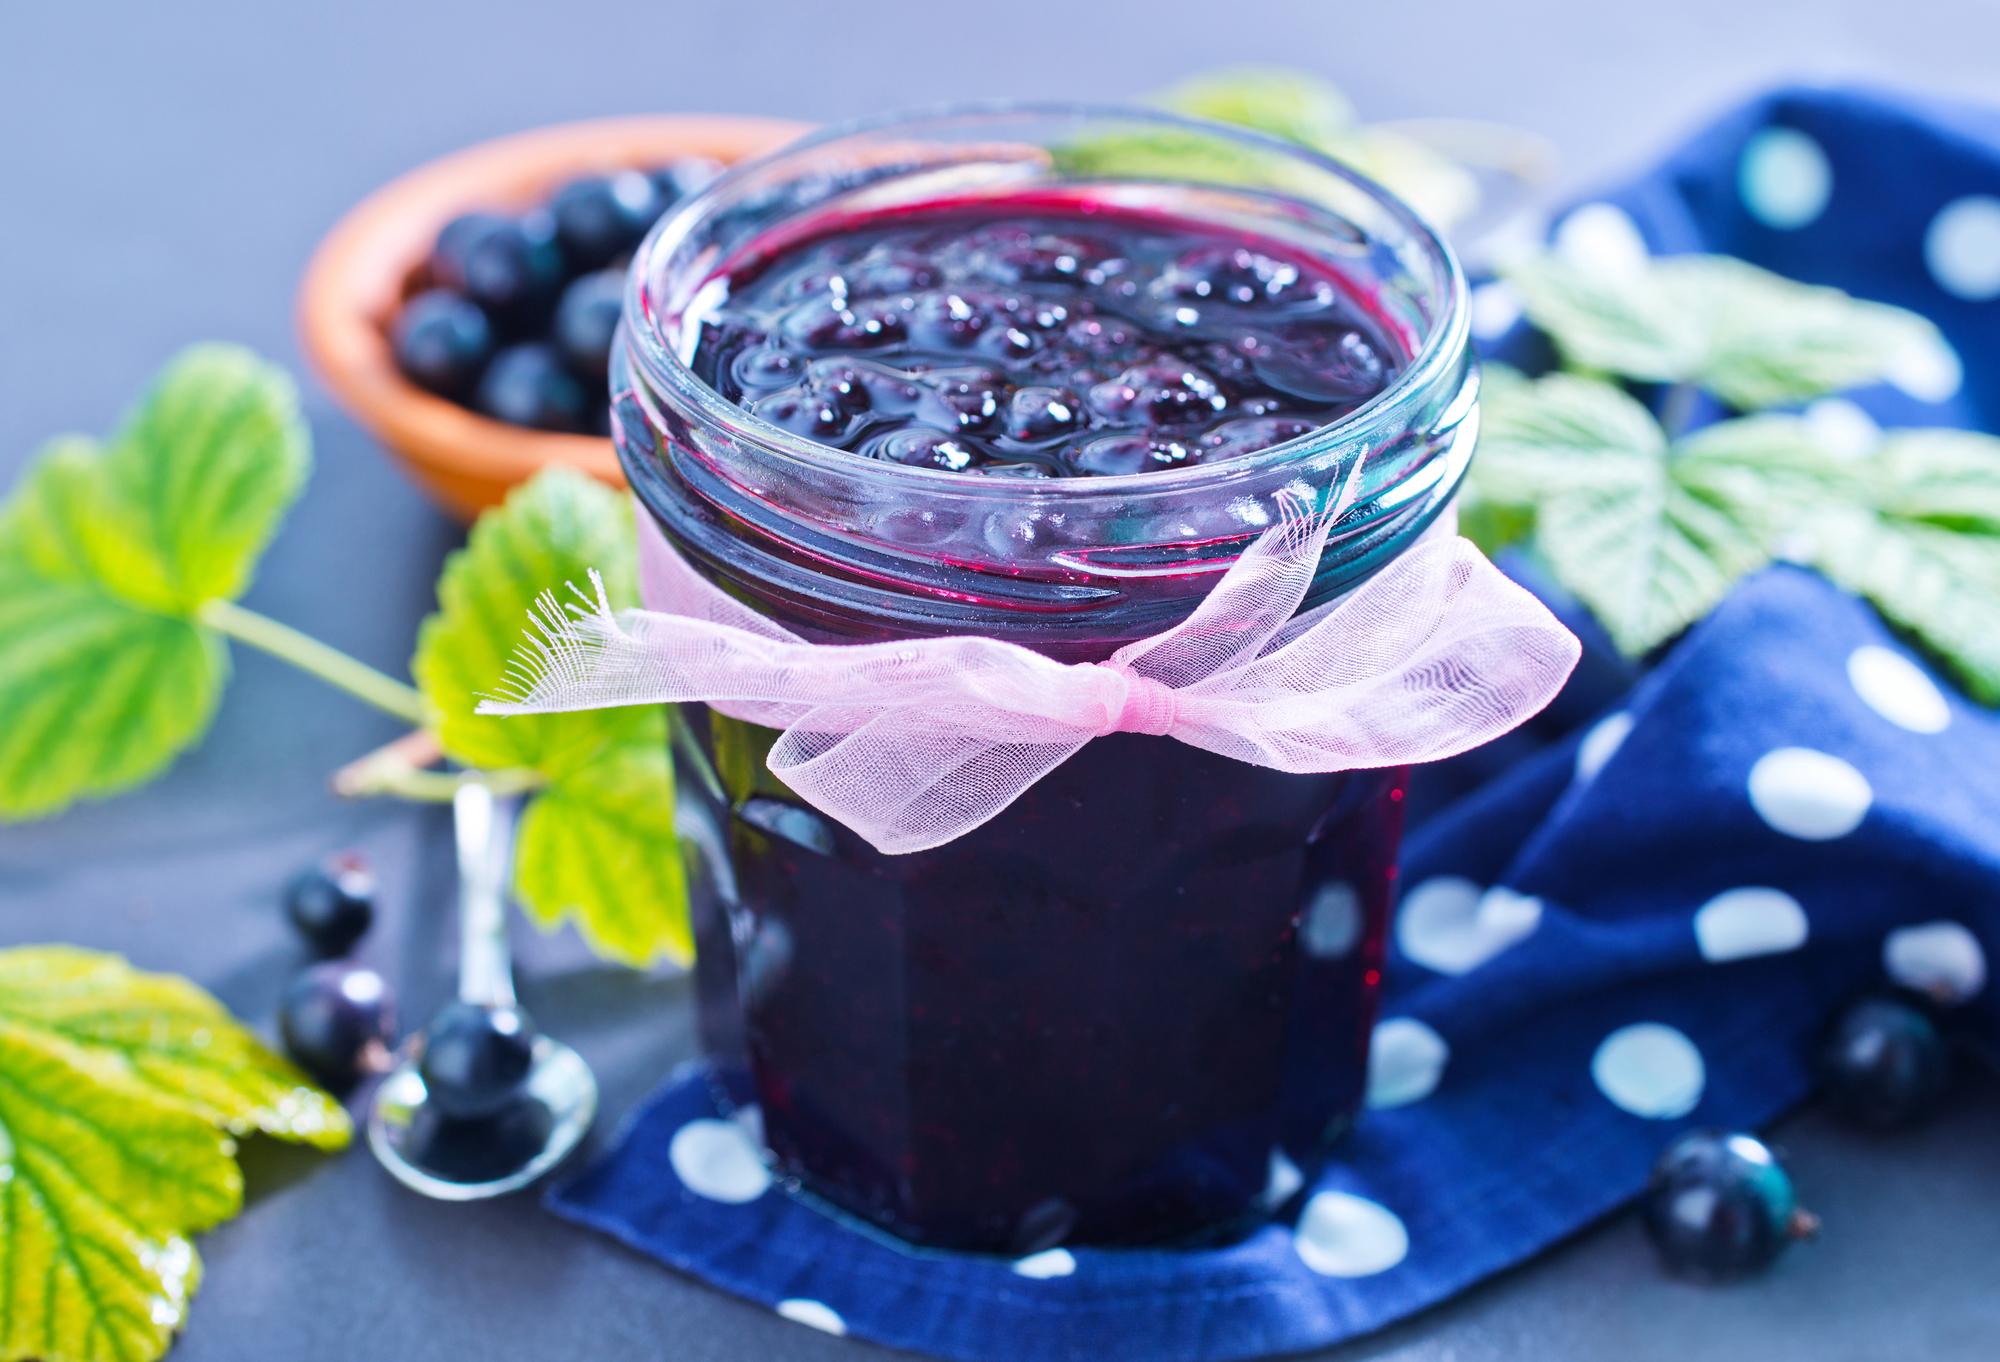 Компот из черники на зиму: топ 10 рецептов, выбор ягод, хранение с фото и видео